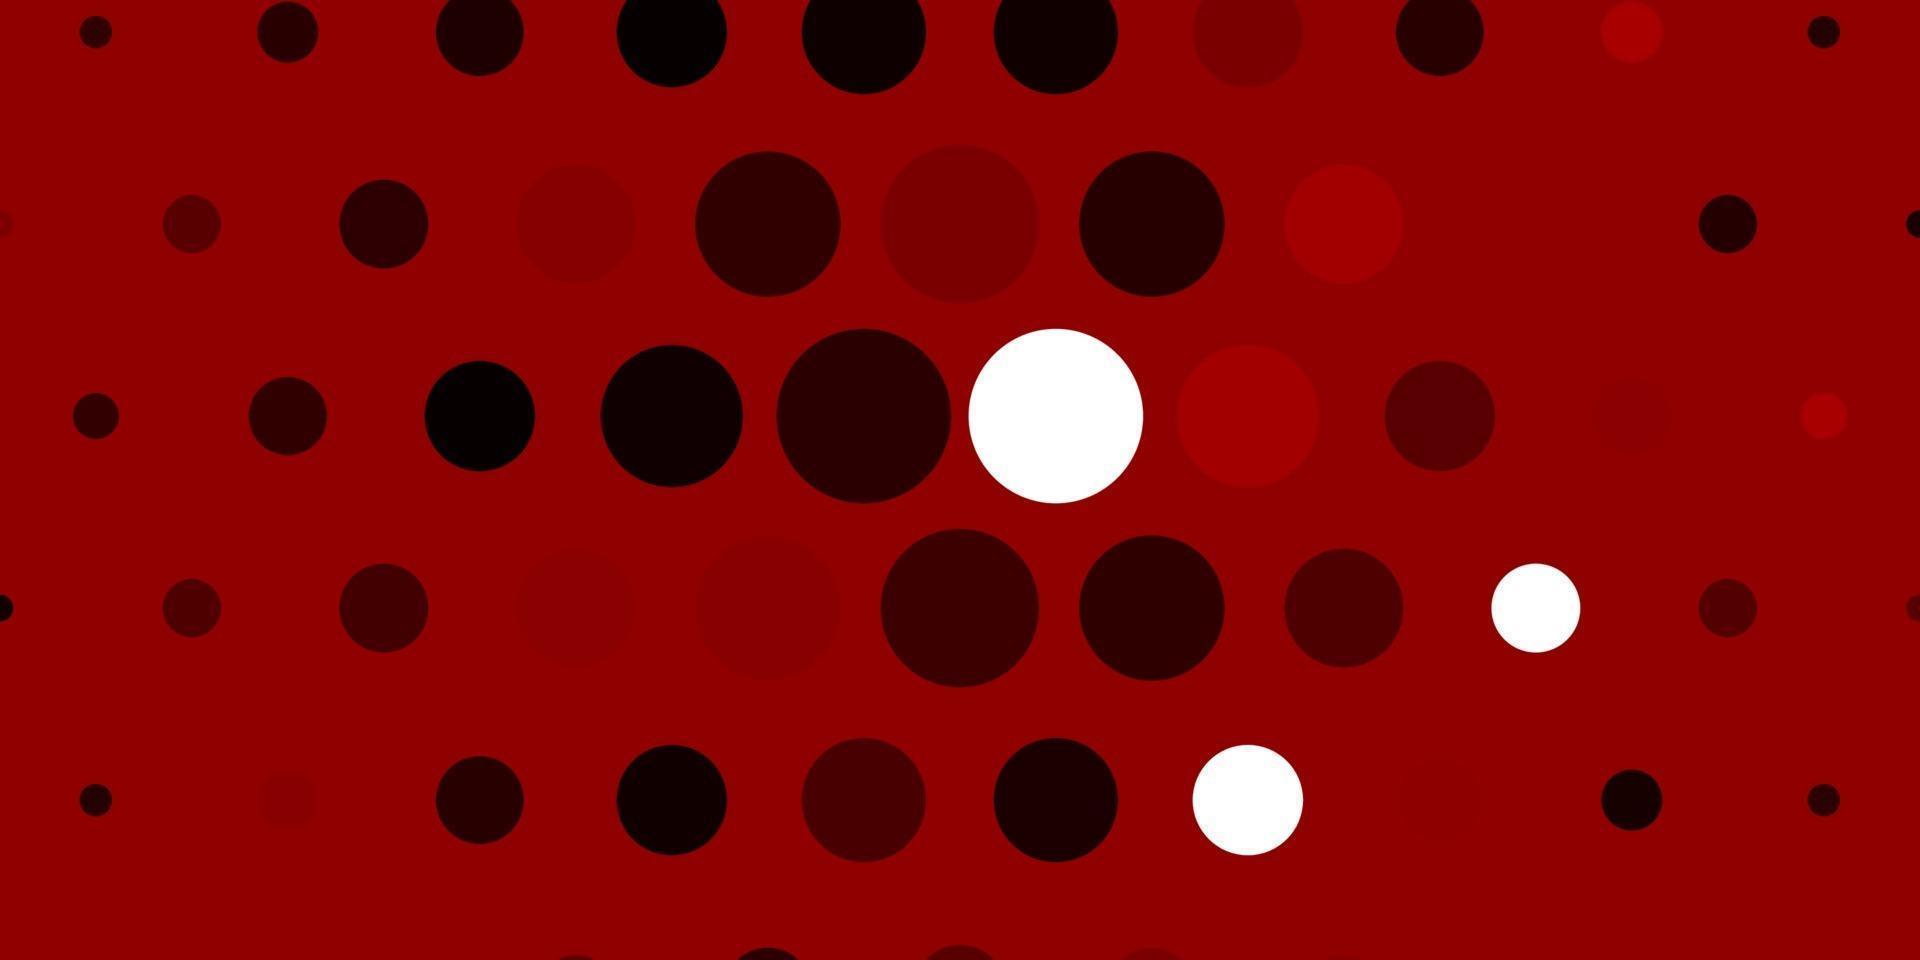 modello vettoriale rosa chiaro, rosso con cerchi.